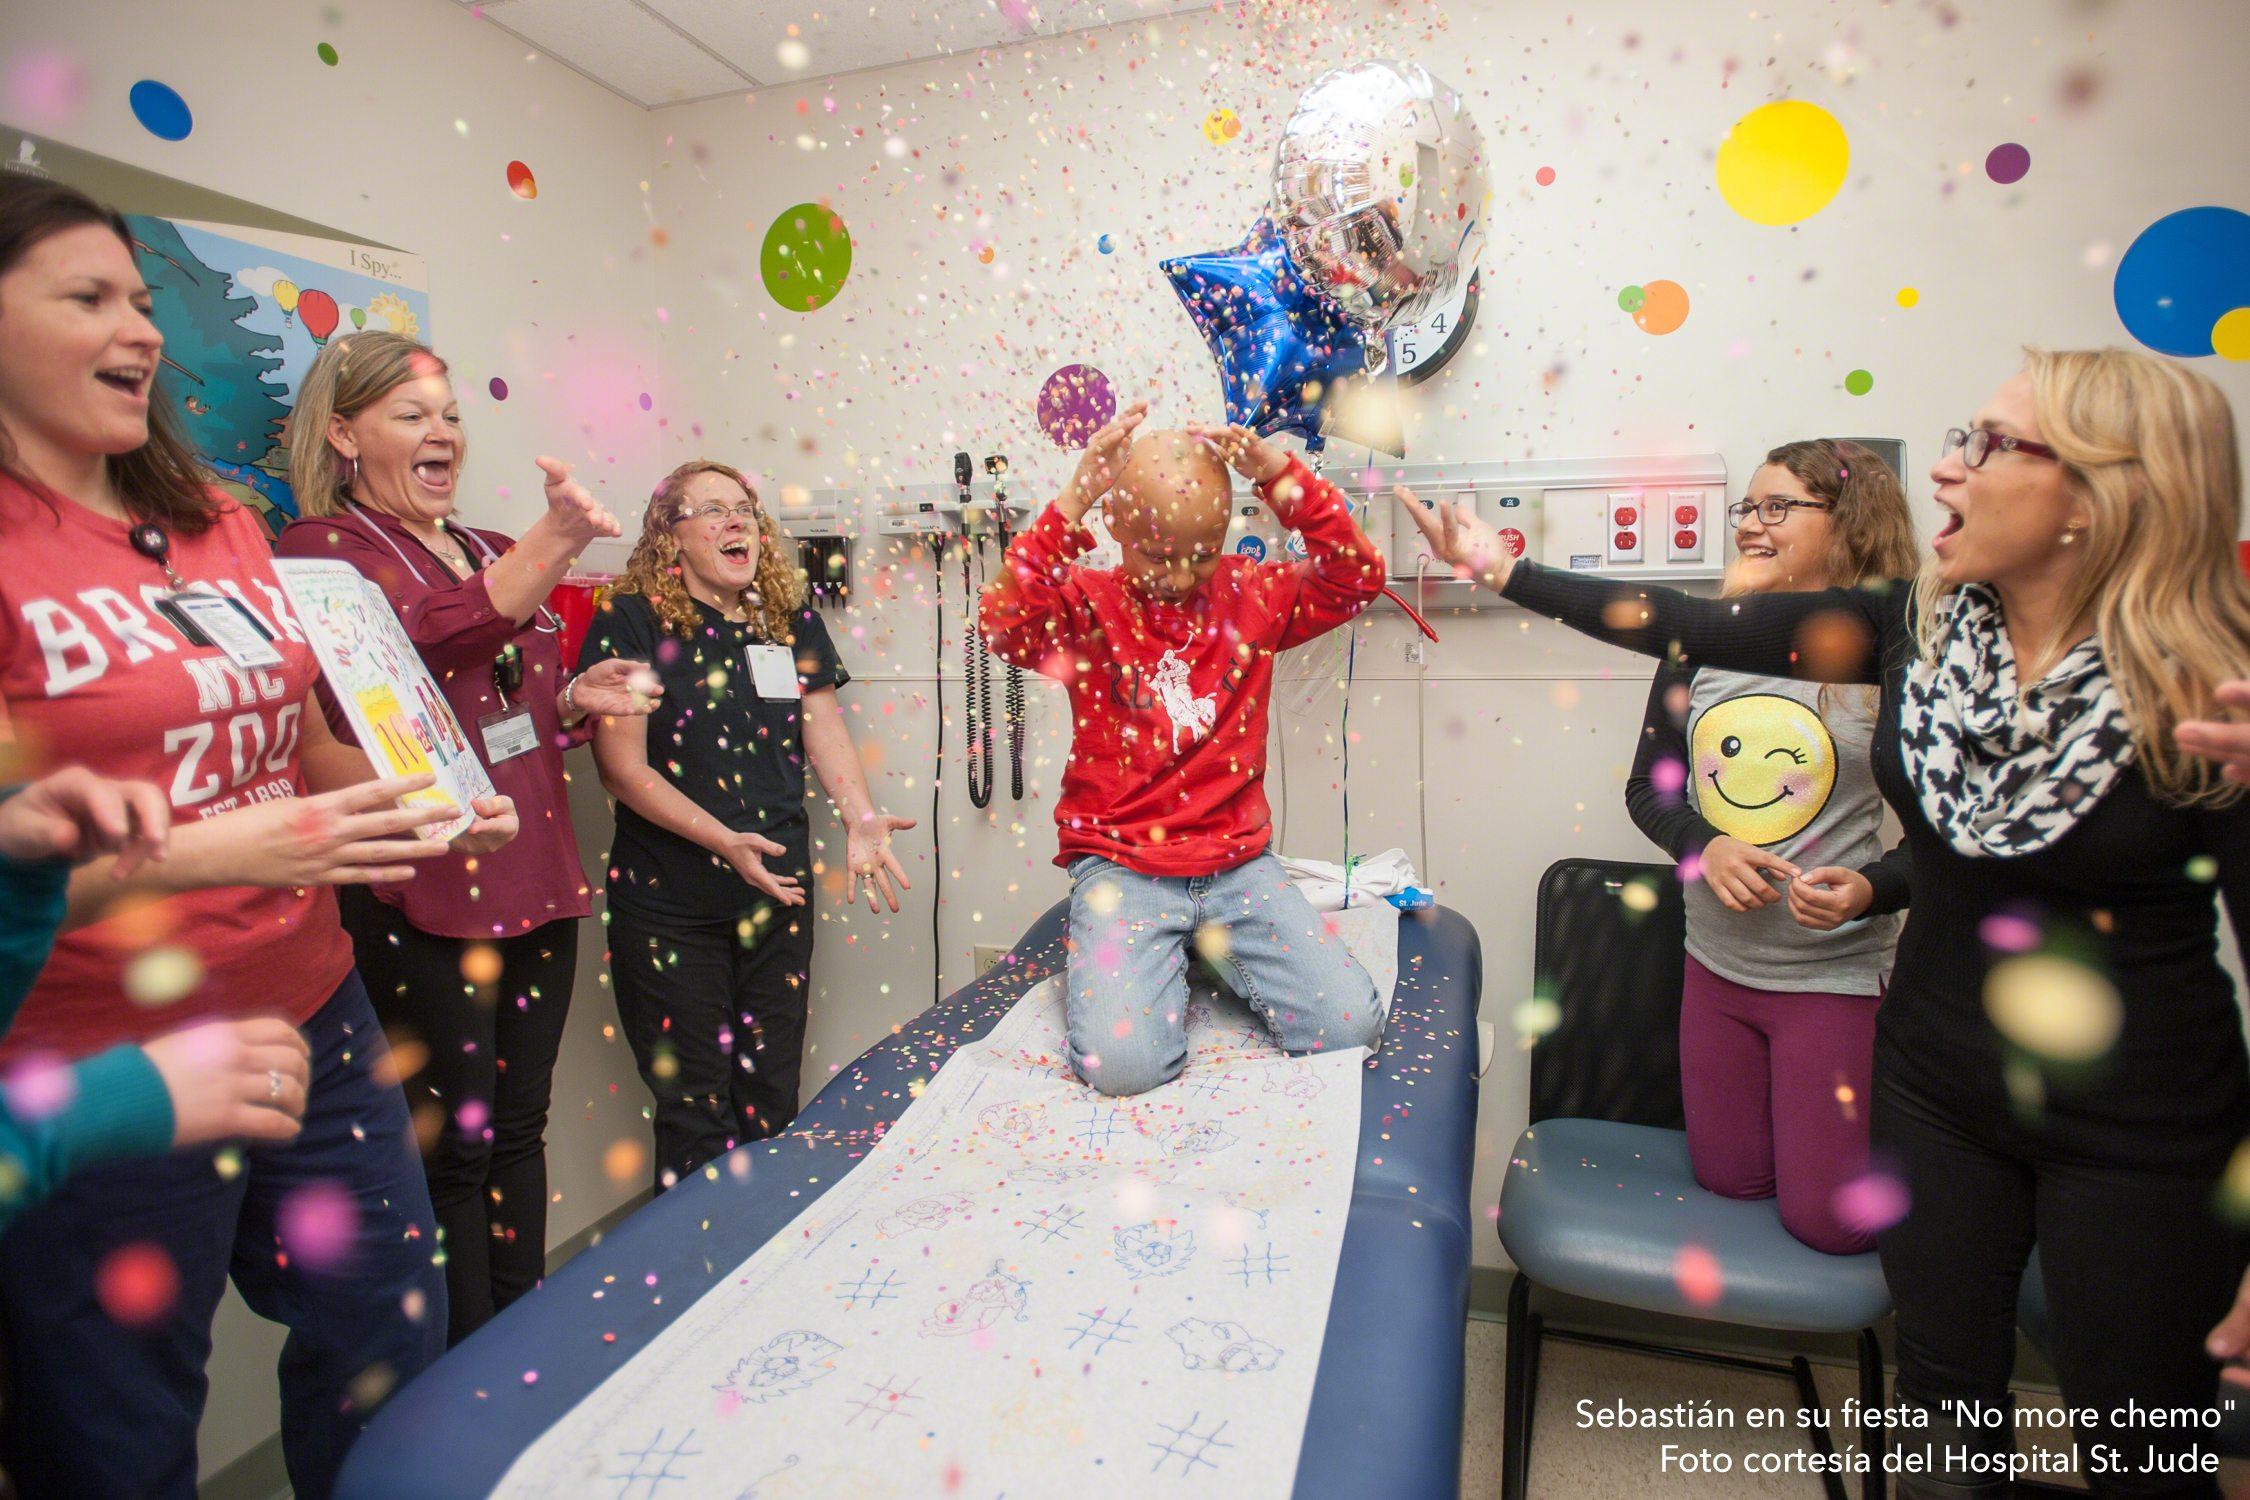 """Sebastián en su fiesta """"No more chemo"""", foto cortesía del Hospital St. Jude"""